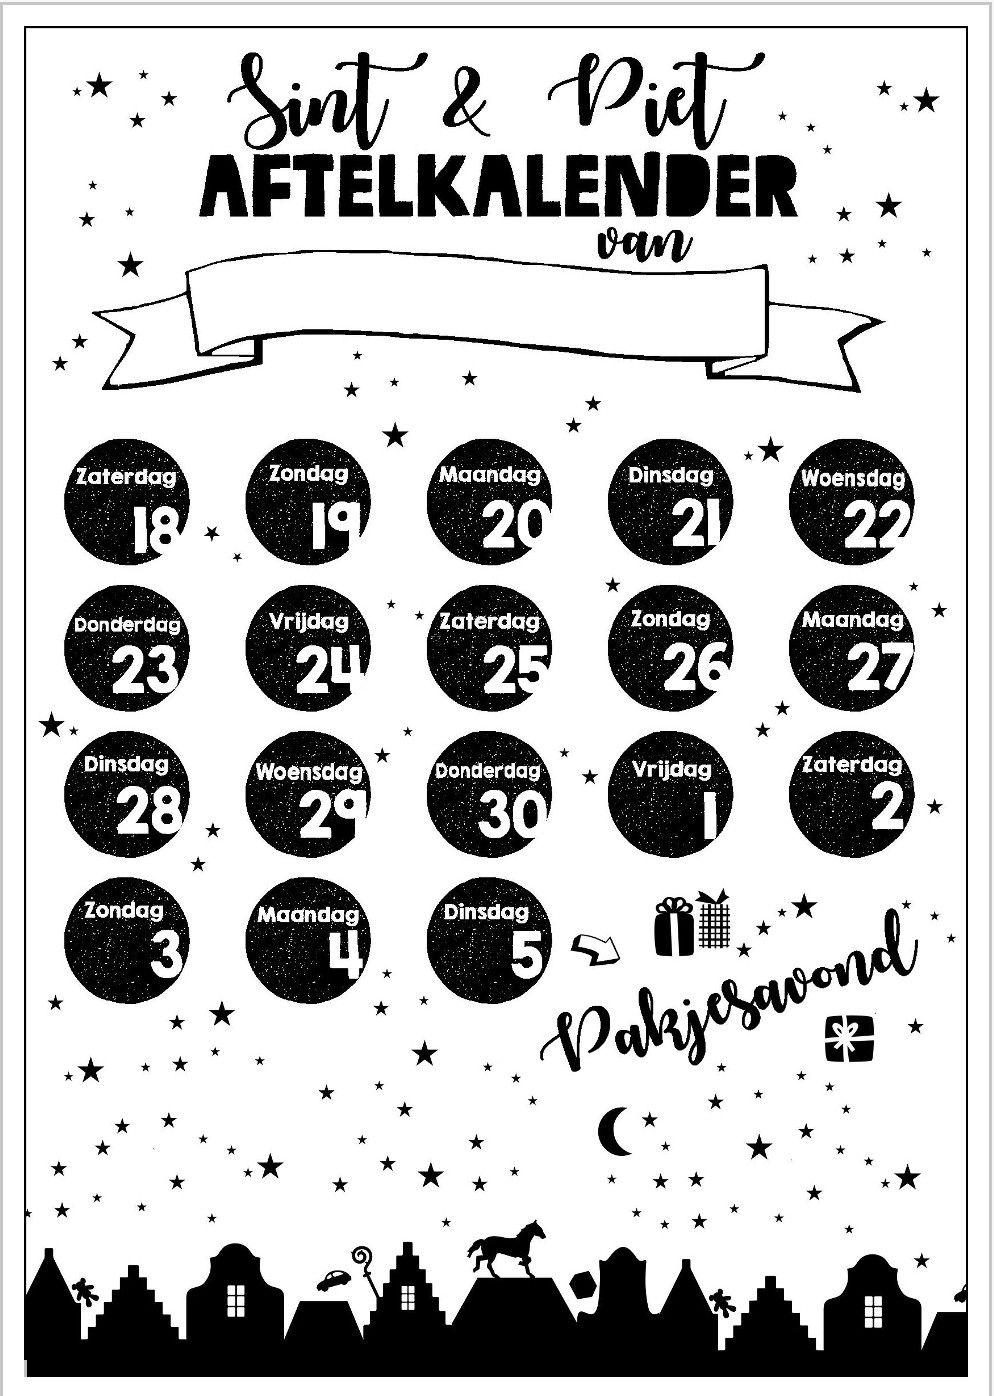 rapia abang tuo11 lijdenstijd kalender kleurplaat